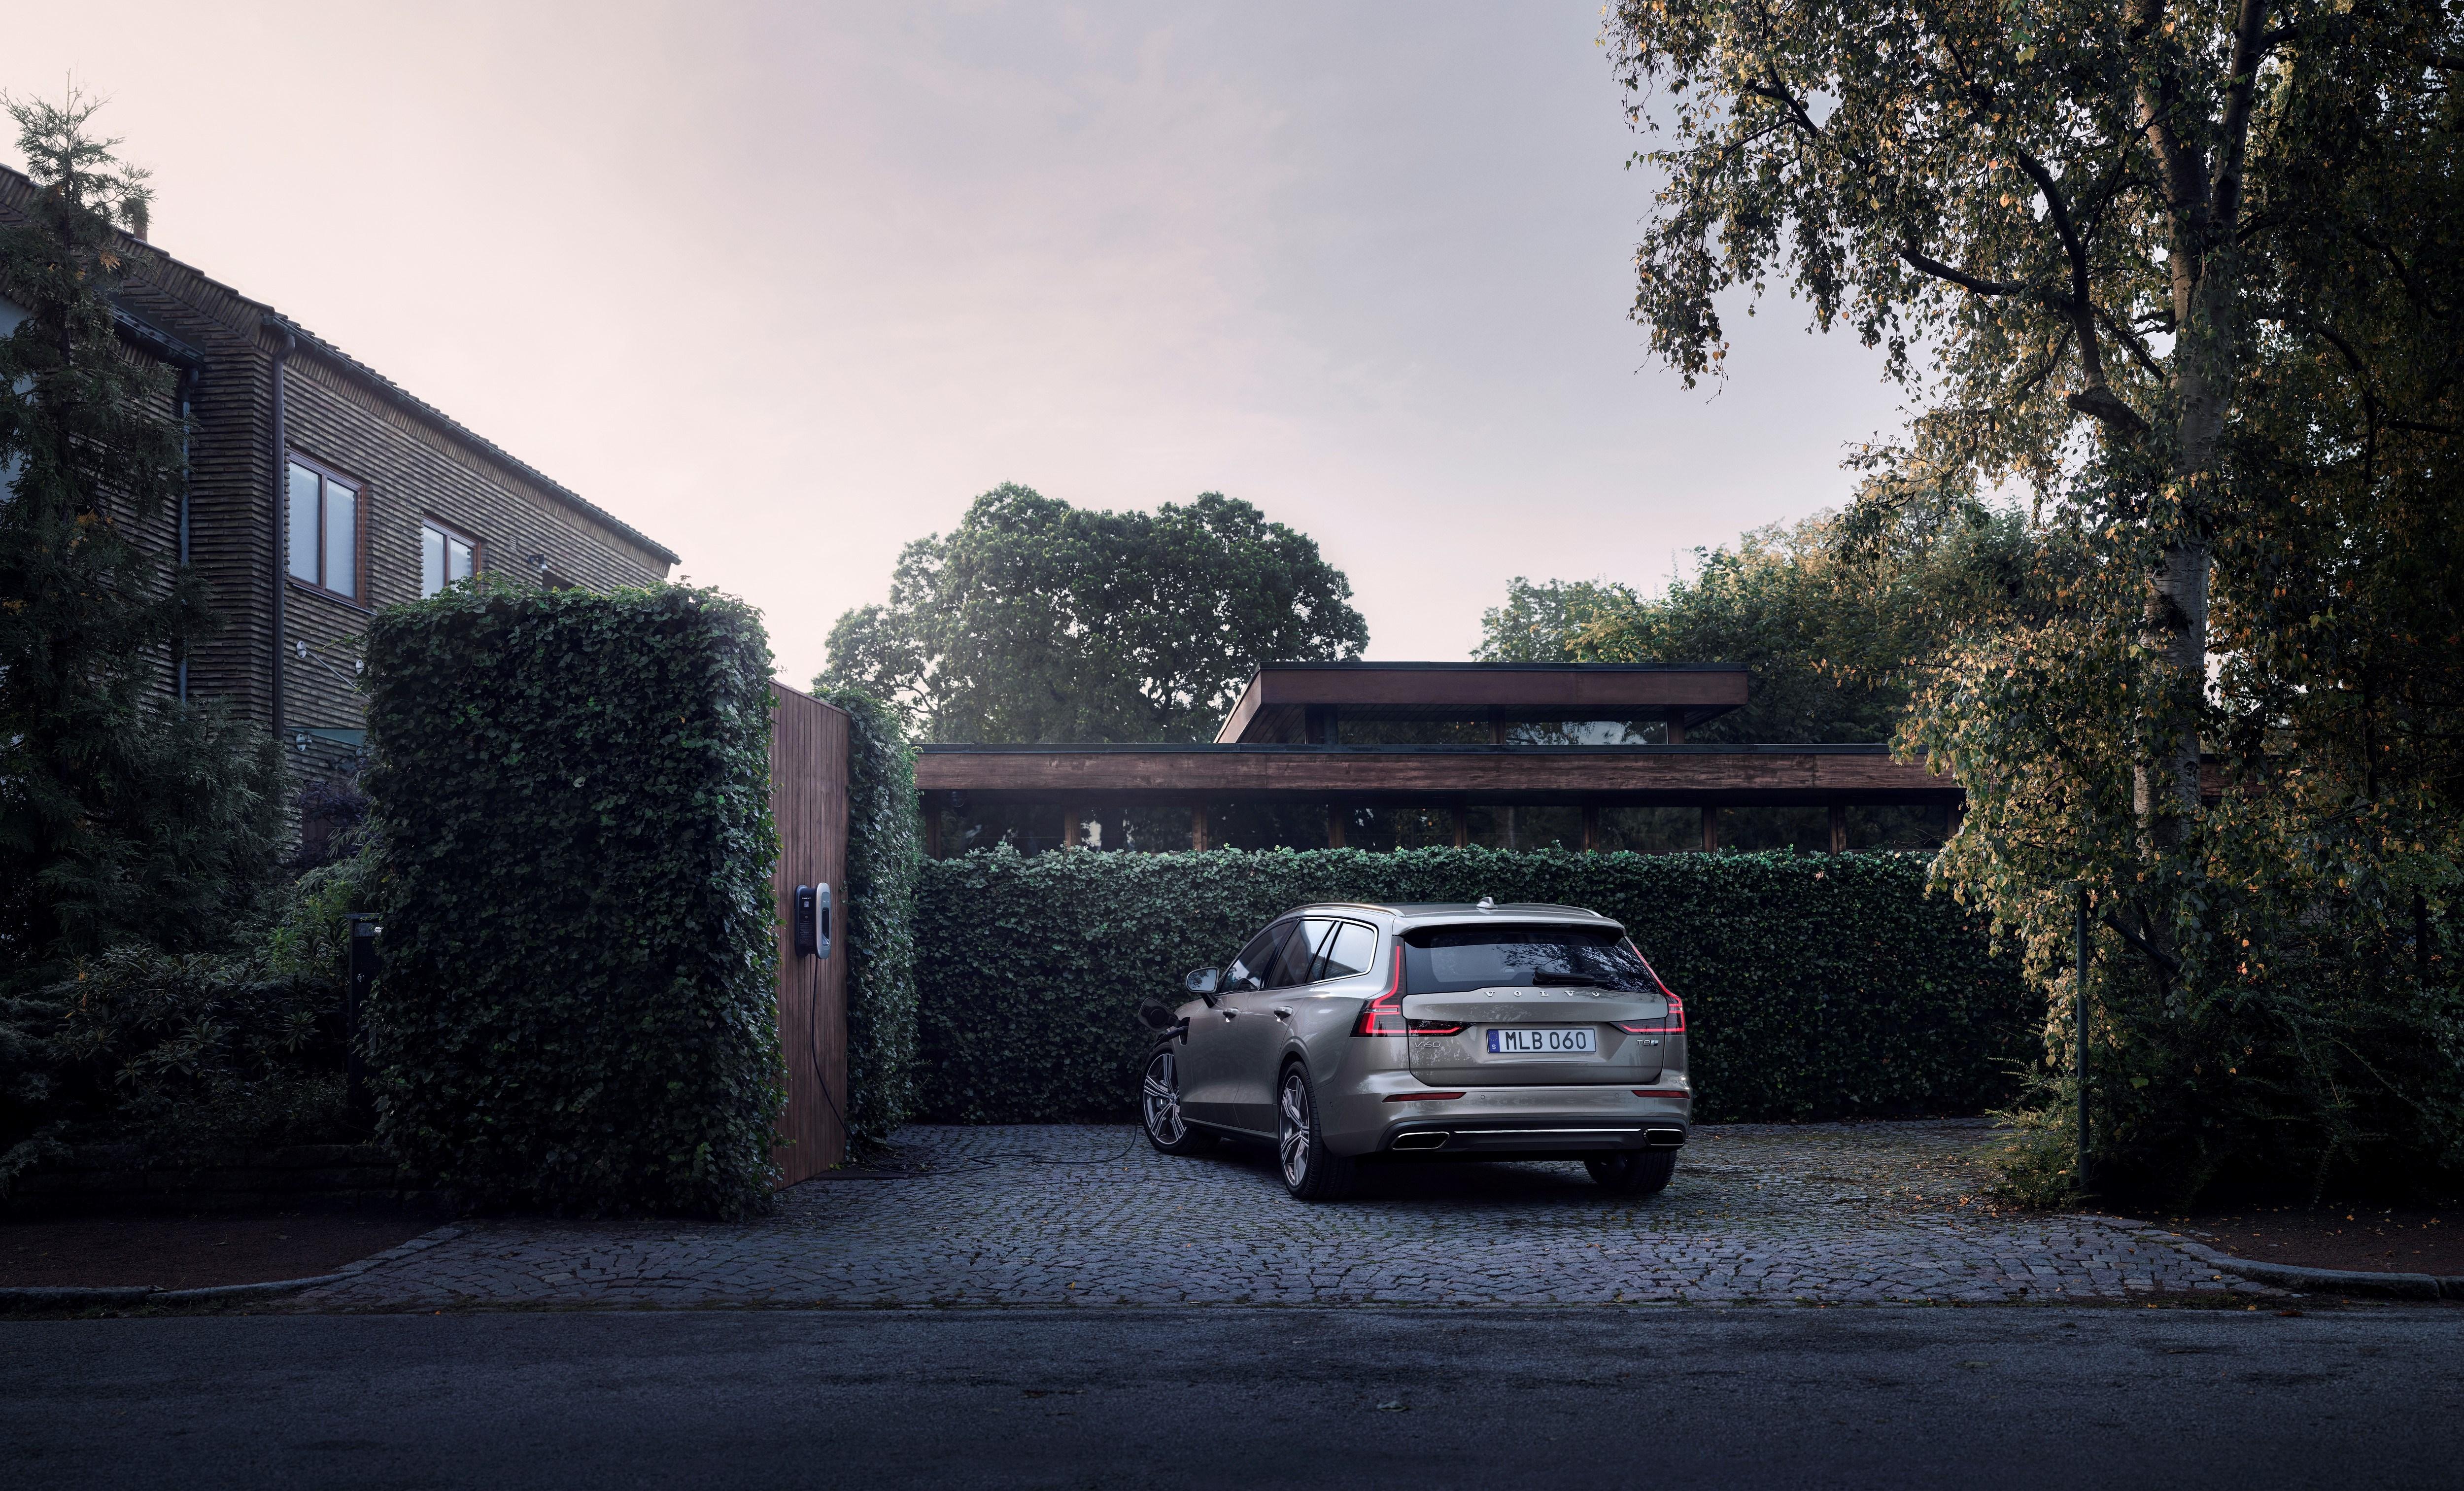 Volvo V60 exteriör